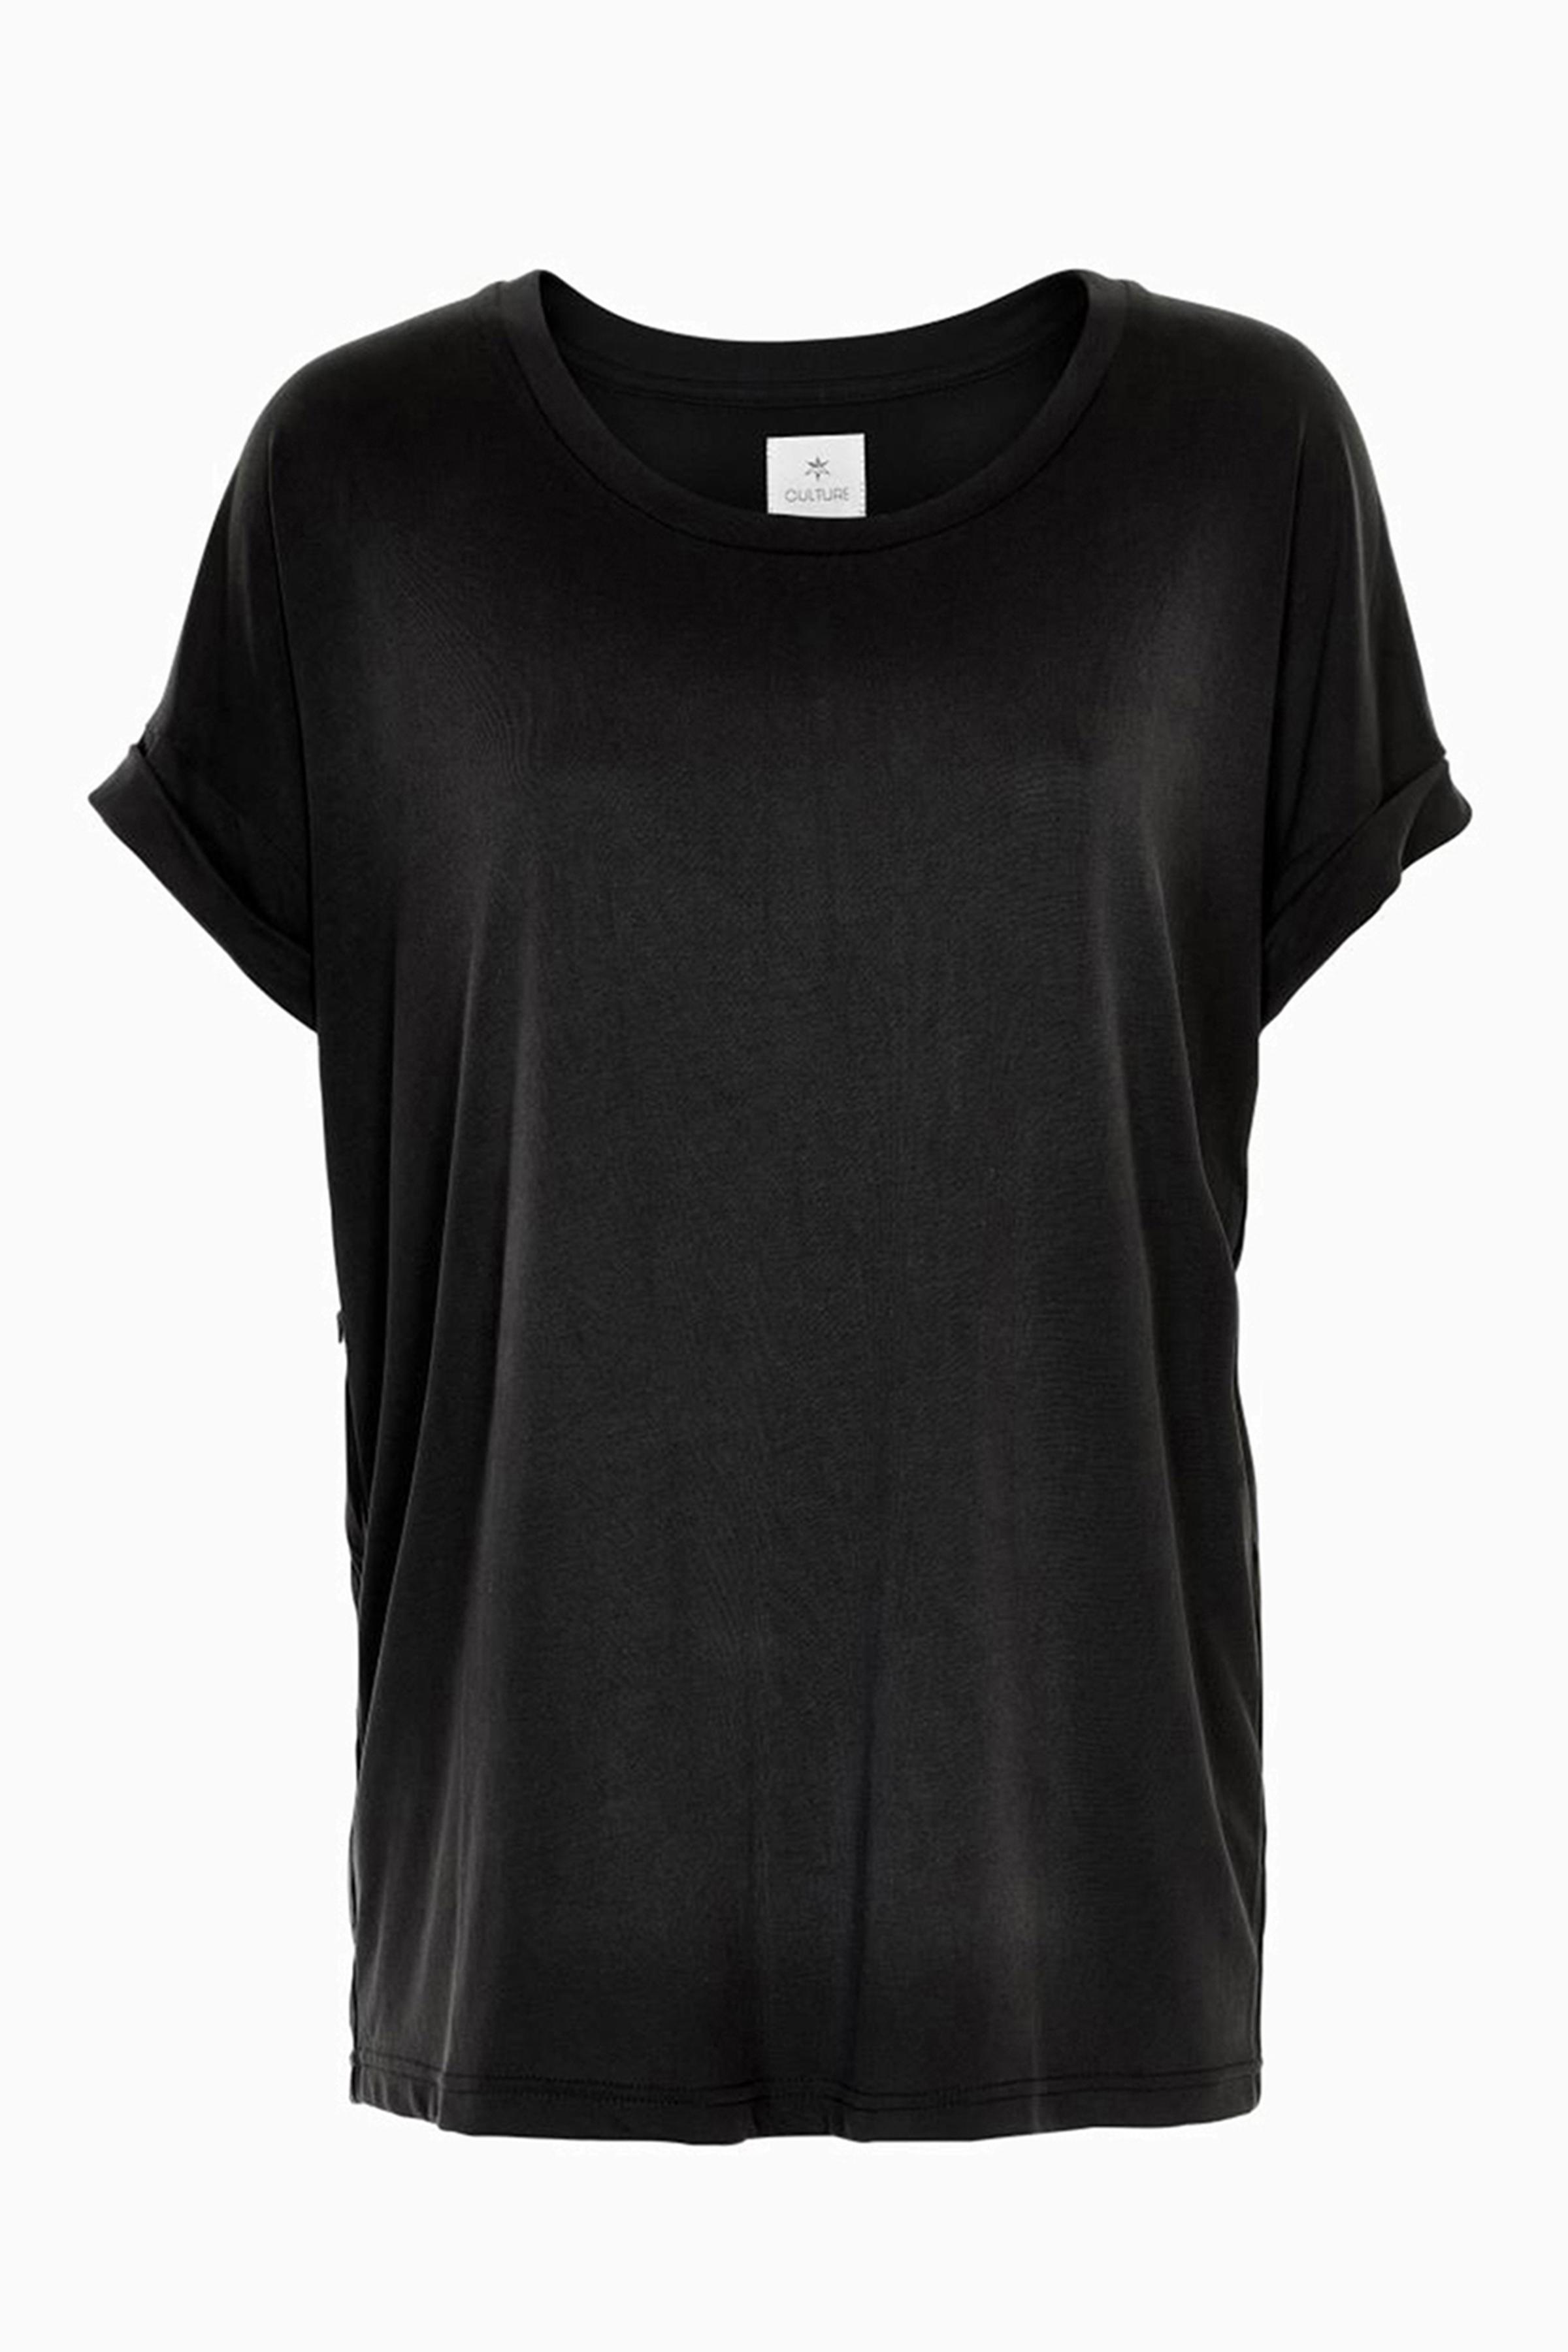 Image of Culture Dame Kortærmet T-shirt - Sort